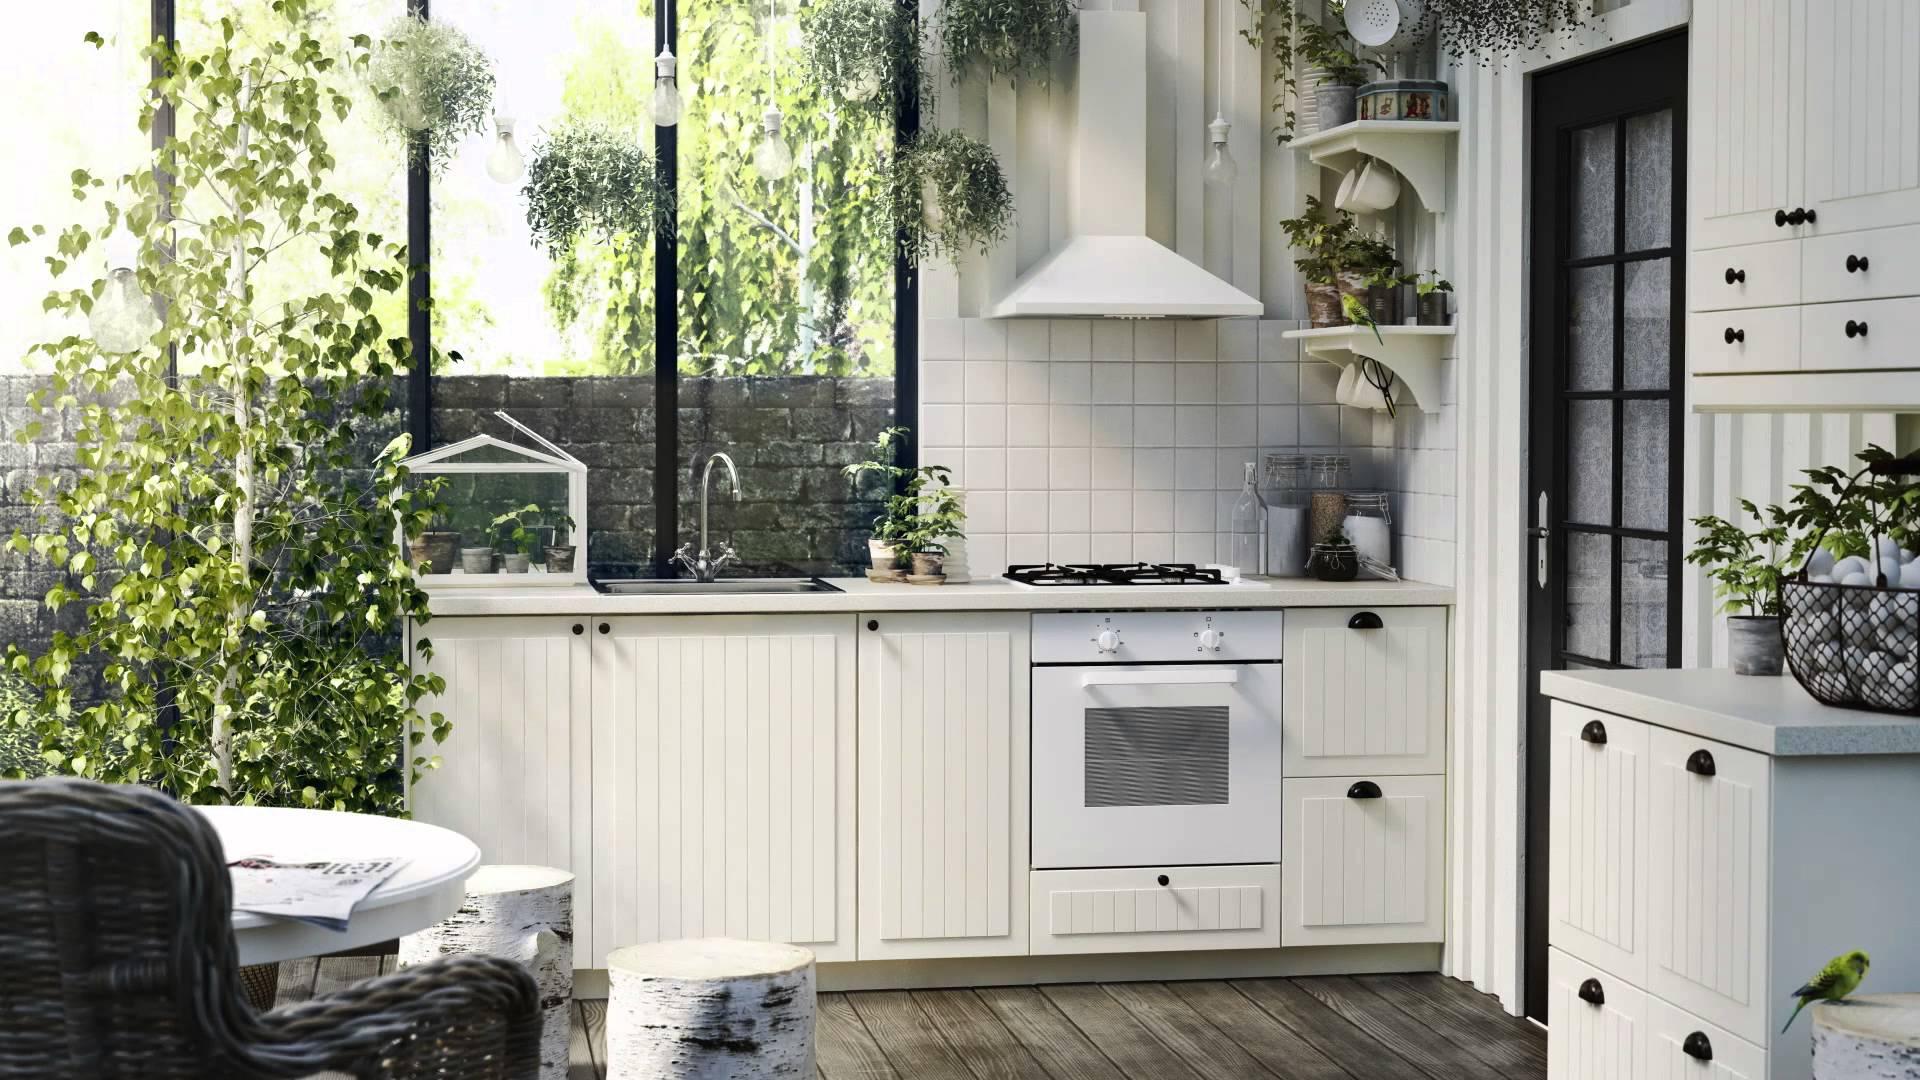 Puertas cocina ikea cheap con los armarios de cocina con - Ikea puertas de cocina ...